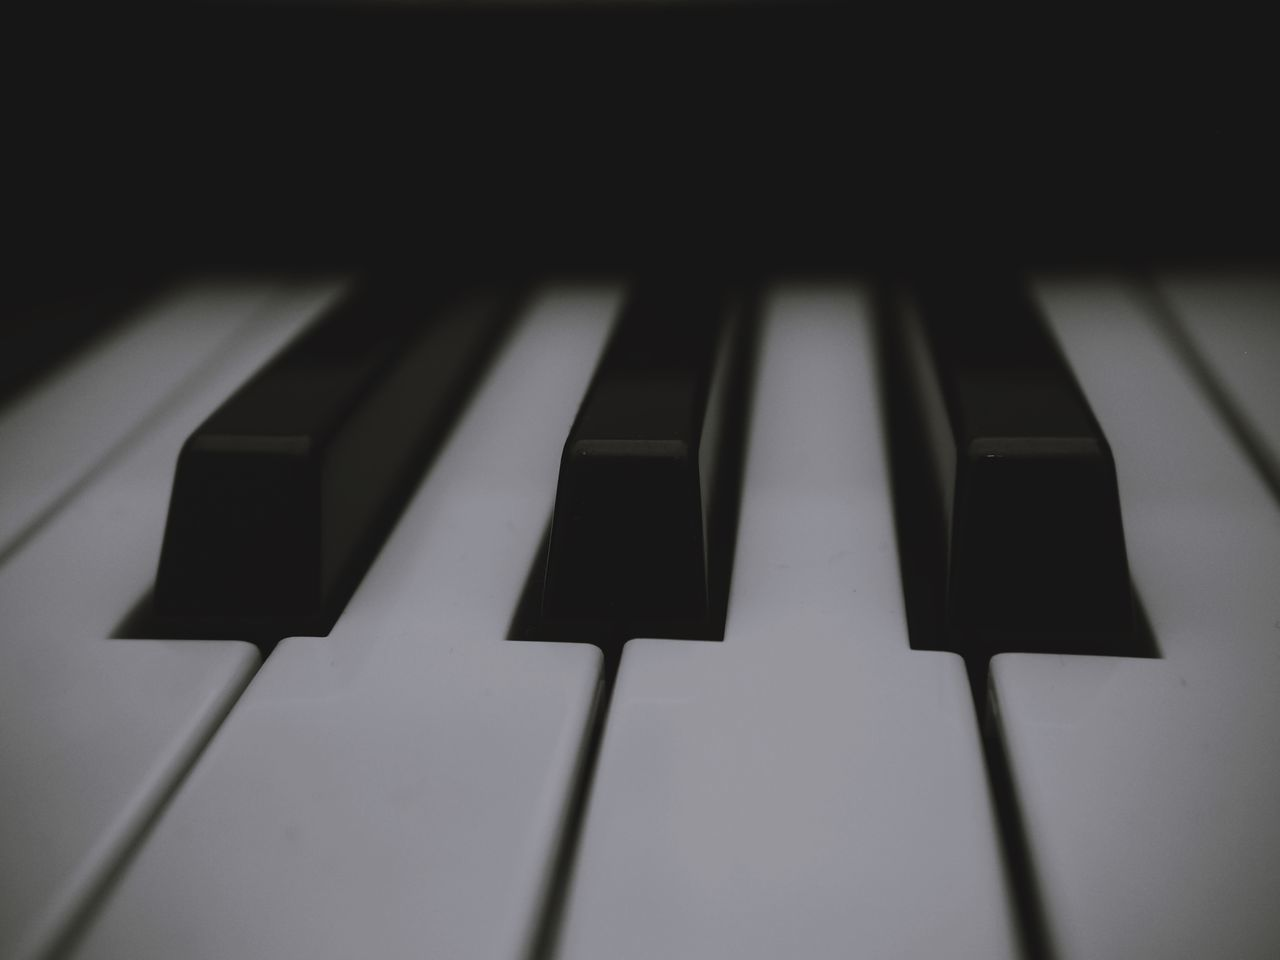 FULL FRAME SHOT OF PIANO